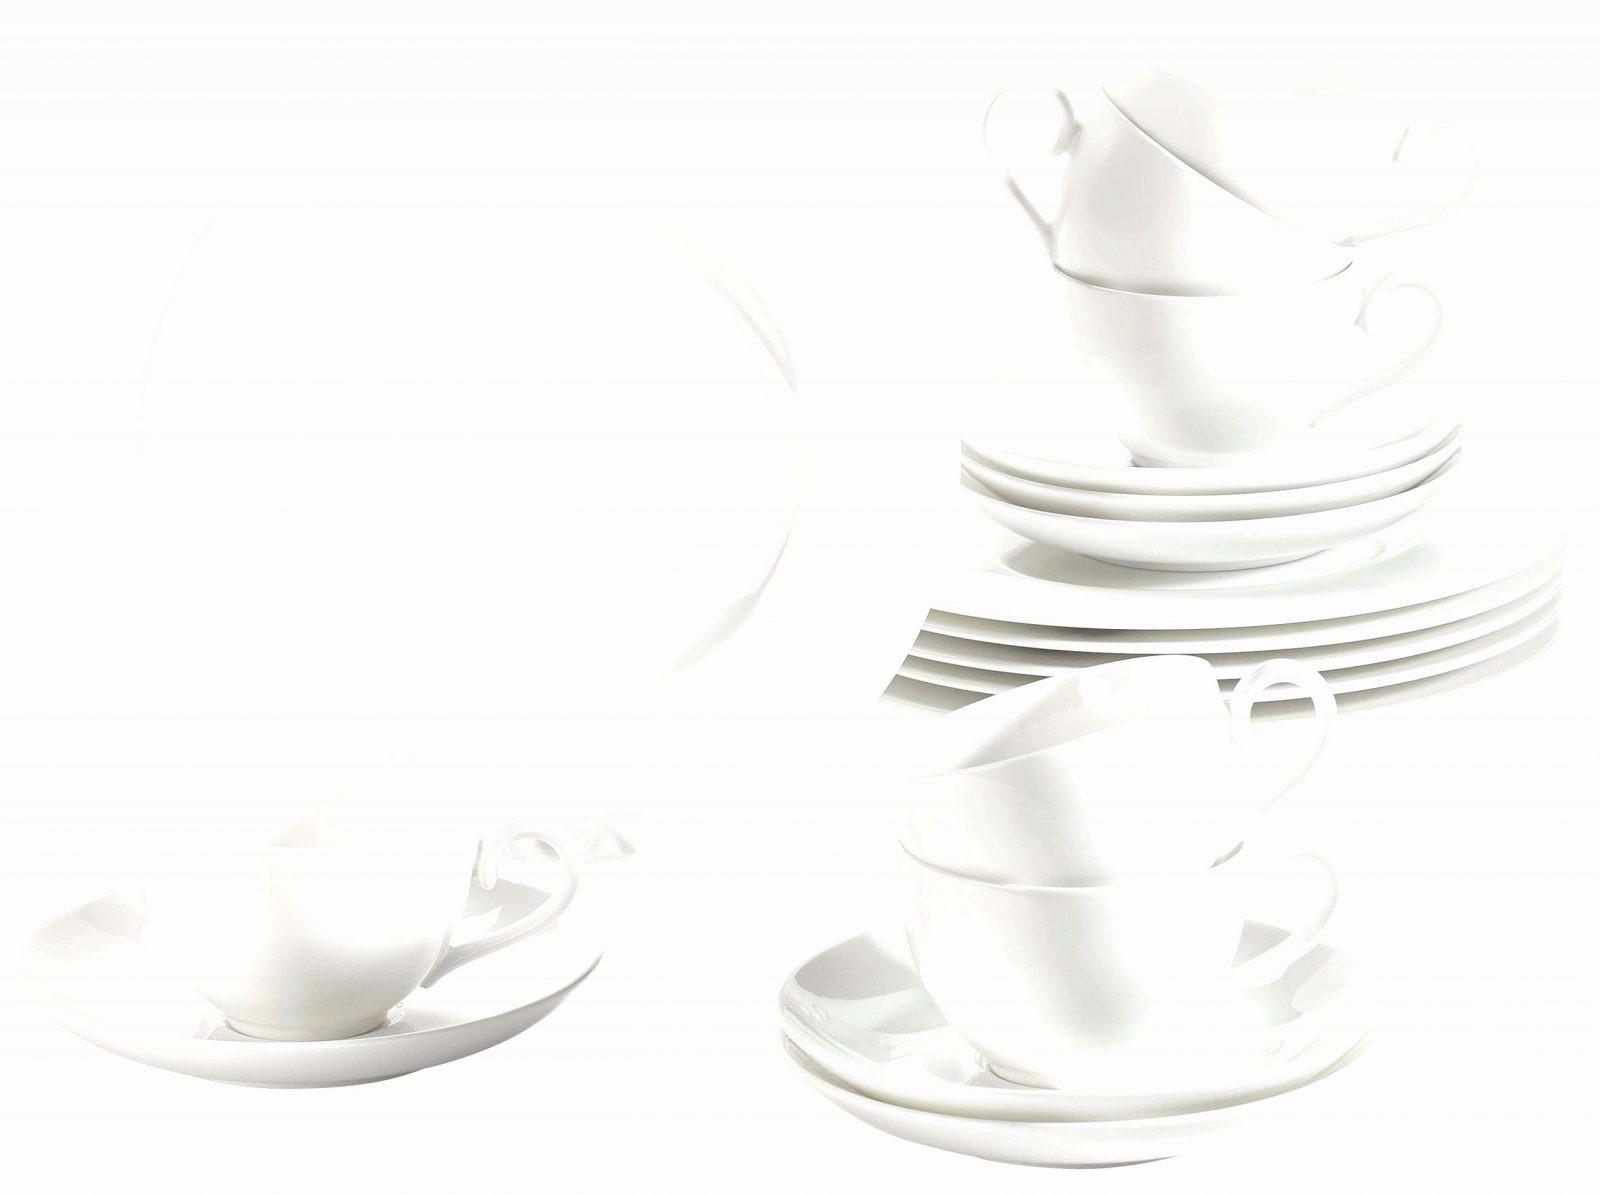 Villeroy Boch Geschirr New Wave Einzigartig Villeroy Und Boch von Villeroy Und Boch Geschirr Basic White Bild